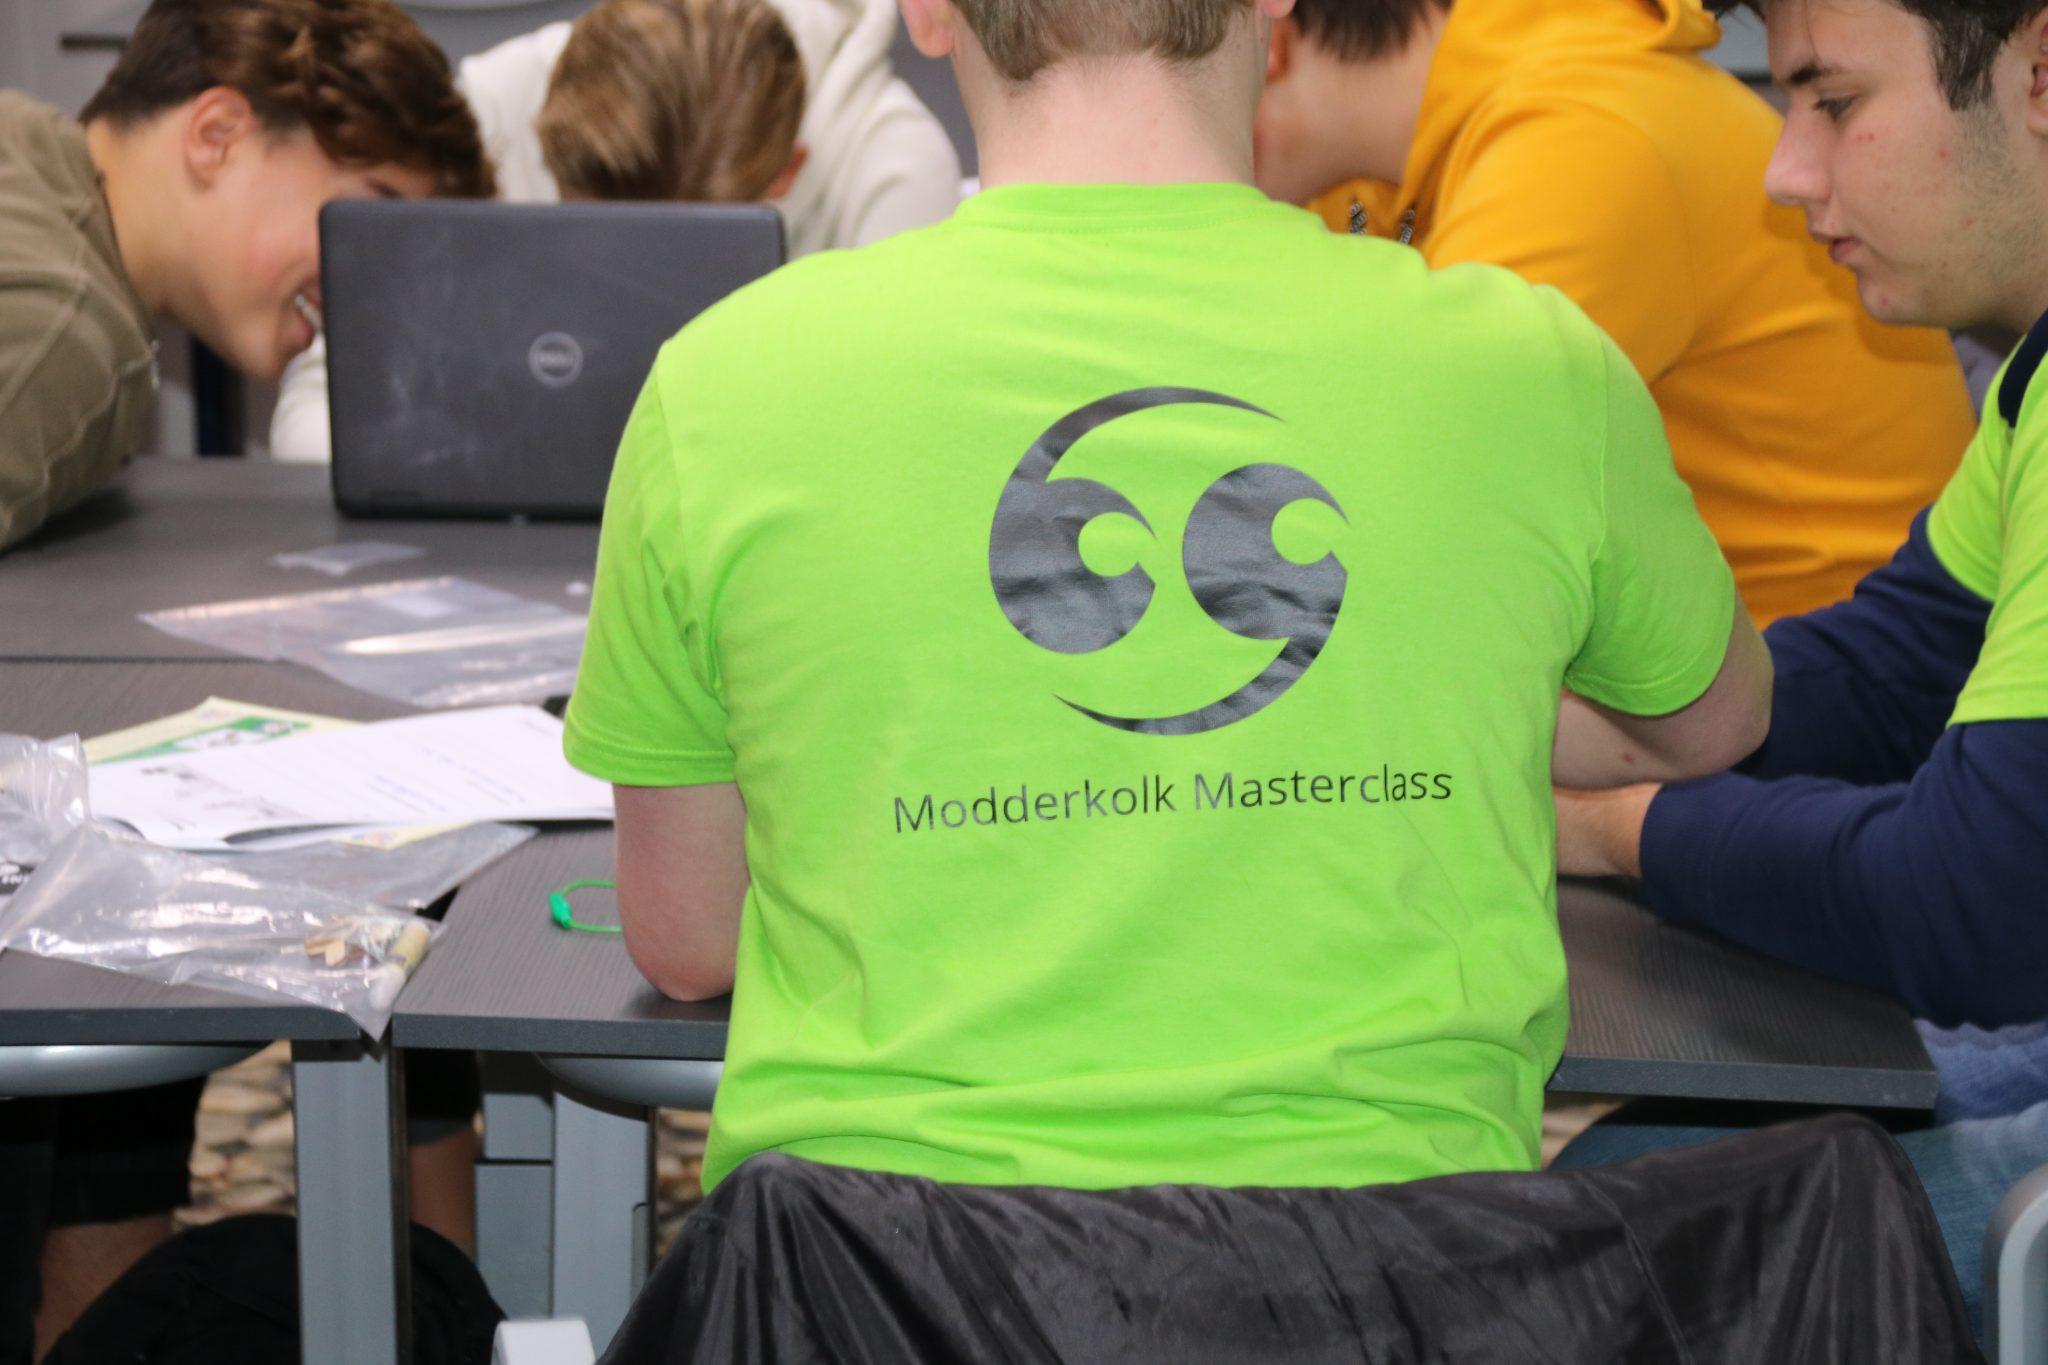 Leerlingen volgen Masterclass bij Modderkolk